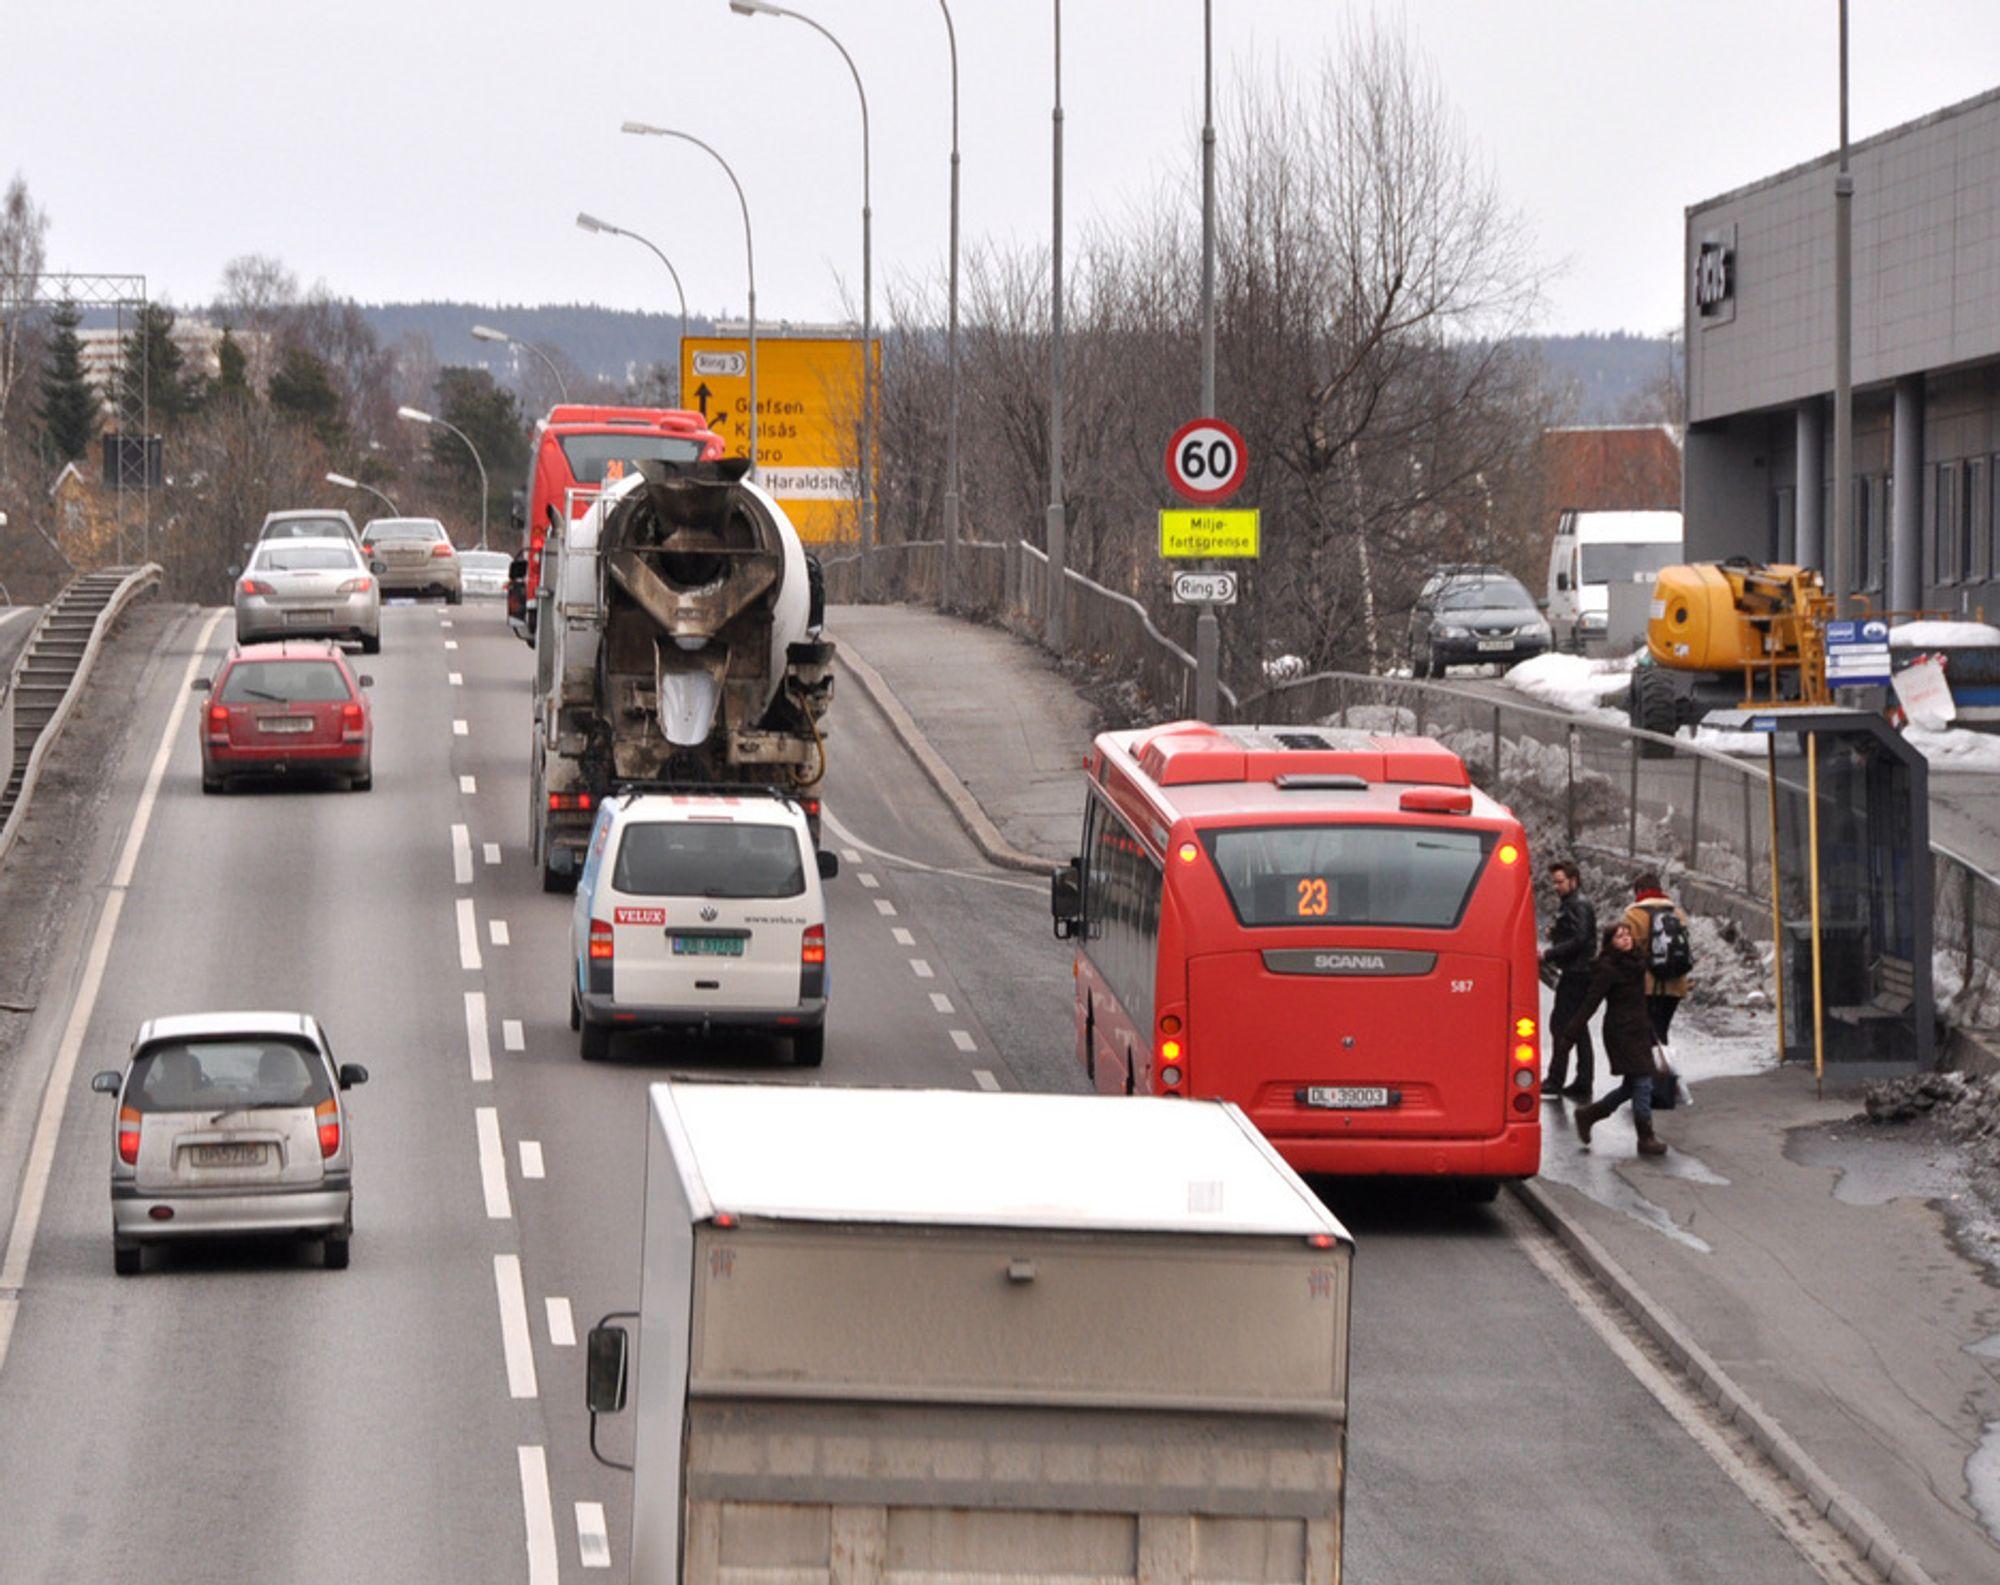 Når bussen har sluppet av passasjerer på holdeplassen i Nydalen må den stille seg i køen på Ring 3 sammen med bilene. Etter at den nye gang/sykkelvegen bak Forbrukerrådets bygning til høyre er ferdig, kan fortauet bygges om til kollektivfelt, og bussen kan fortsette uhindret rett fram.